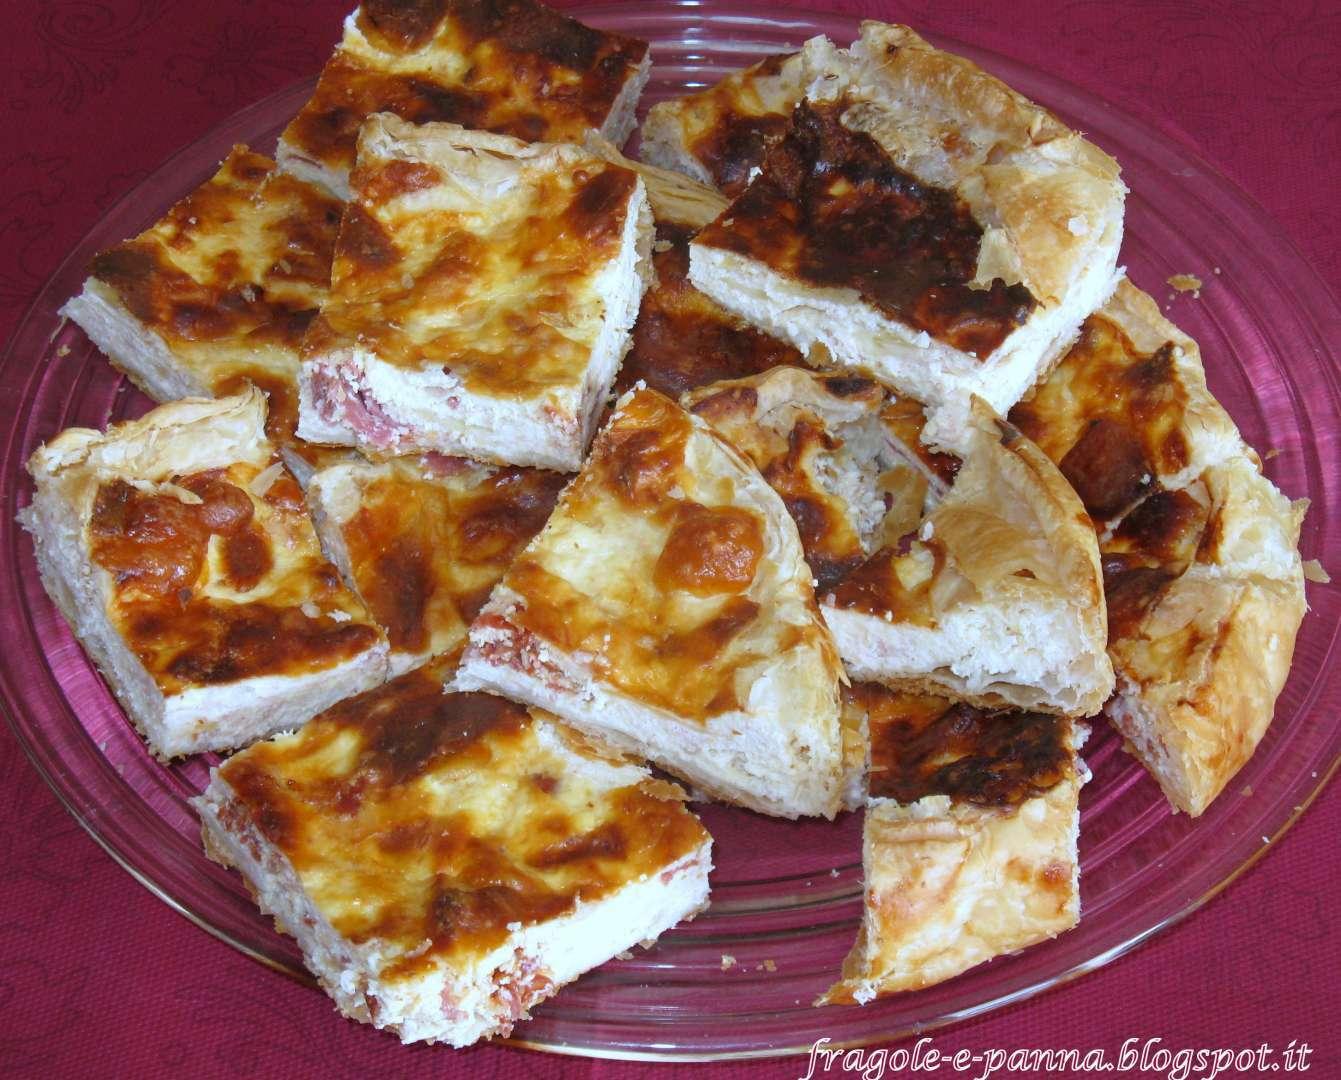 Pizza rustica ricotta prosciutto e salame piccante